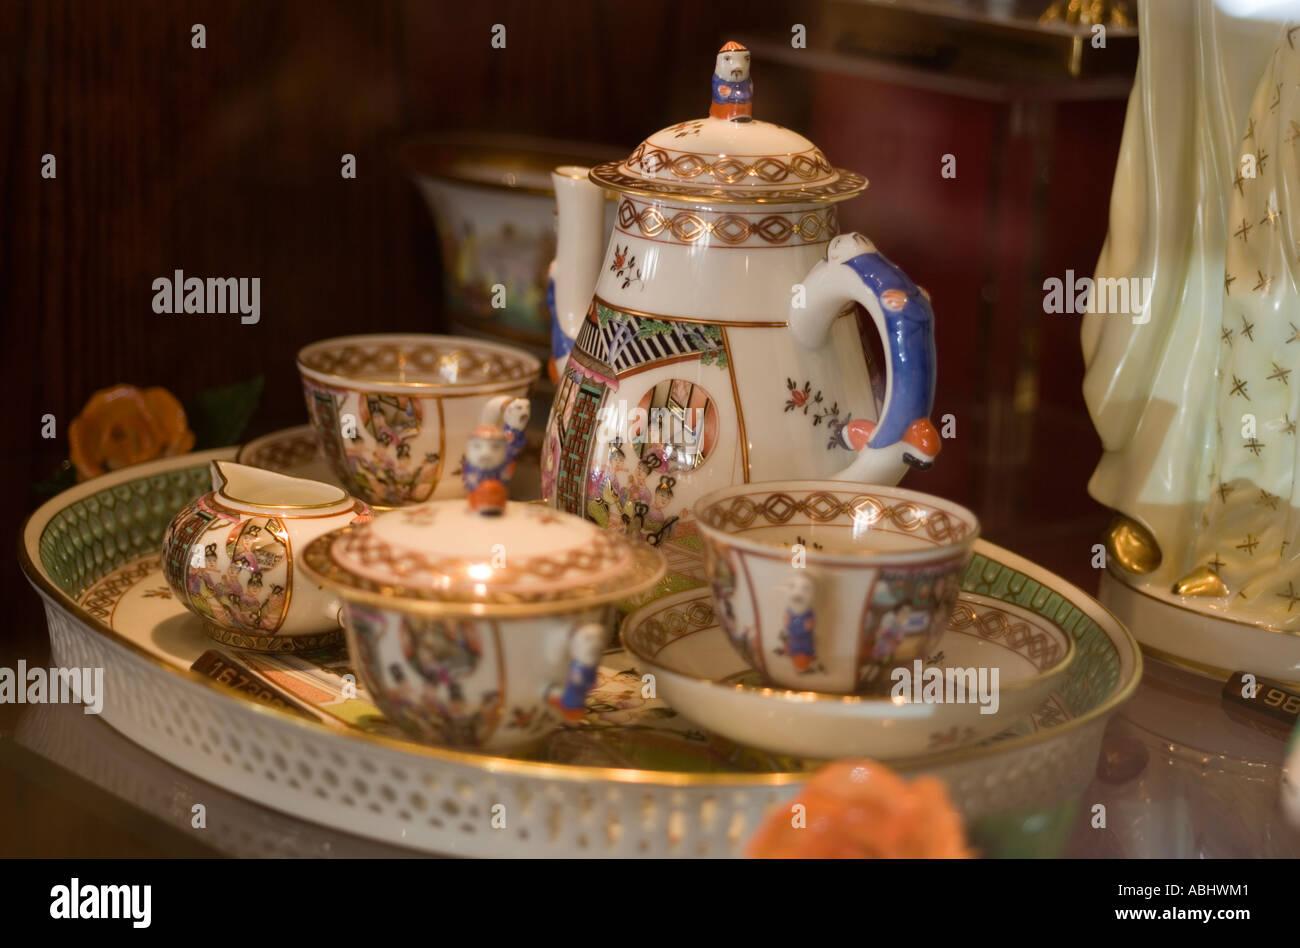 herend porcelain stockfotos herend porcelain bilder alamy. Black Bedroom Furniture Sets. Home Design Ideas